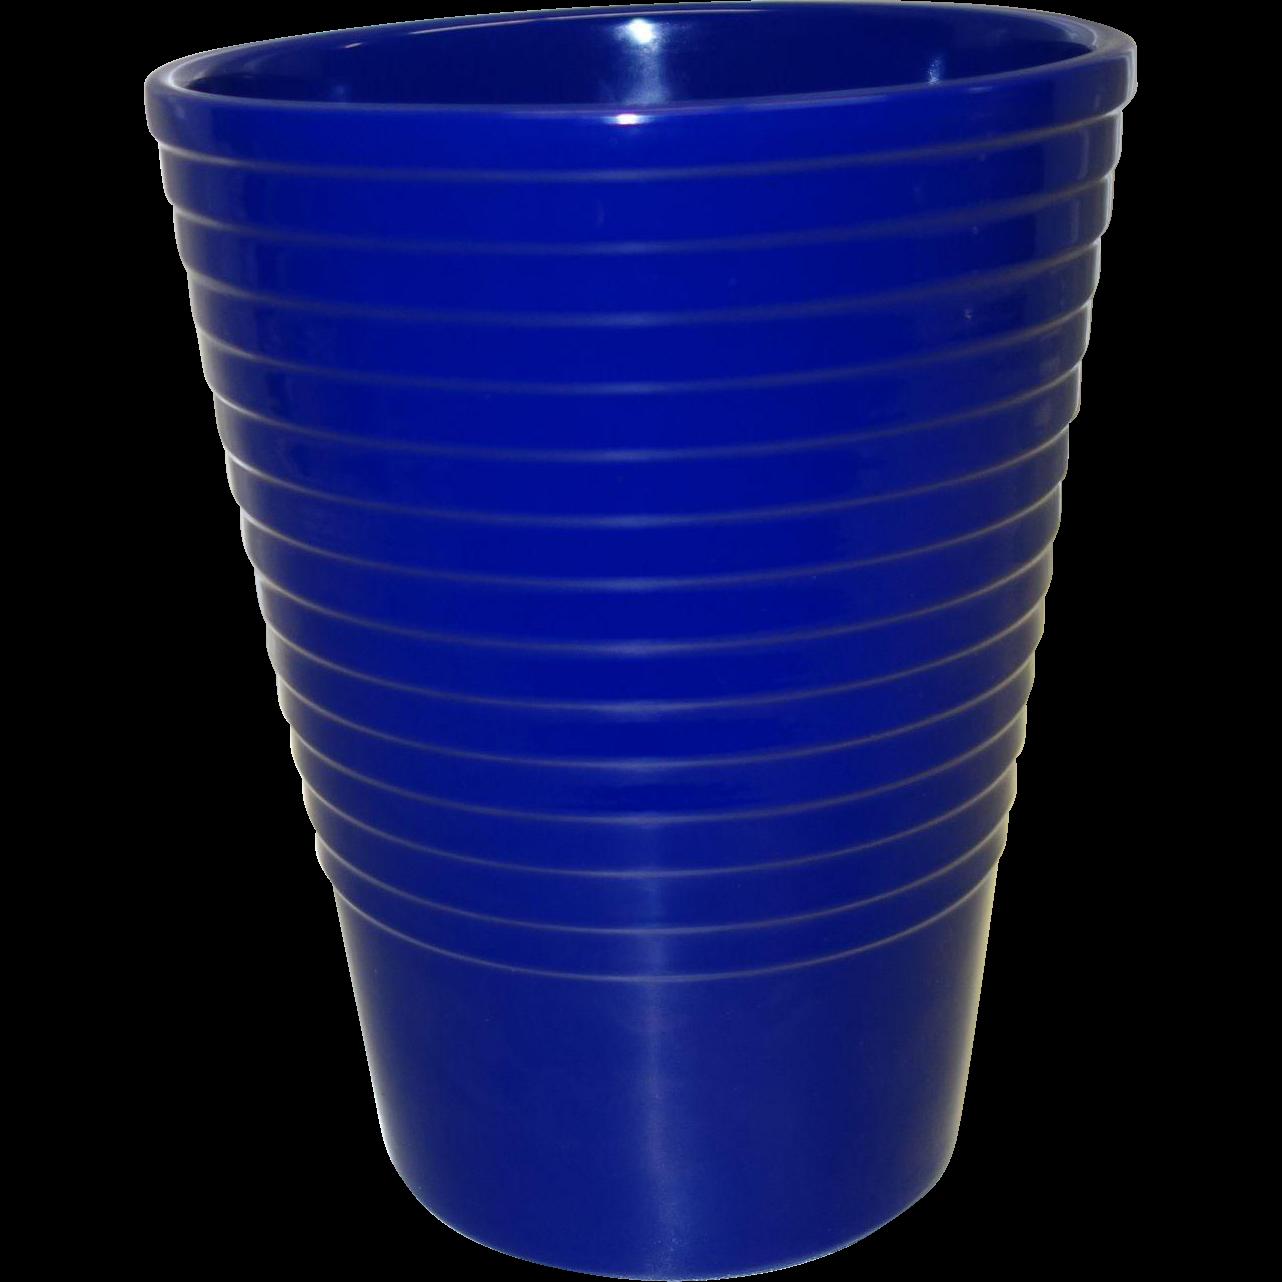 Vintage Ribbed Cobalt Blue Ceramic Vase Made in Germany